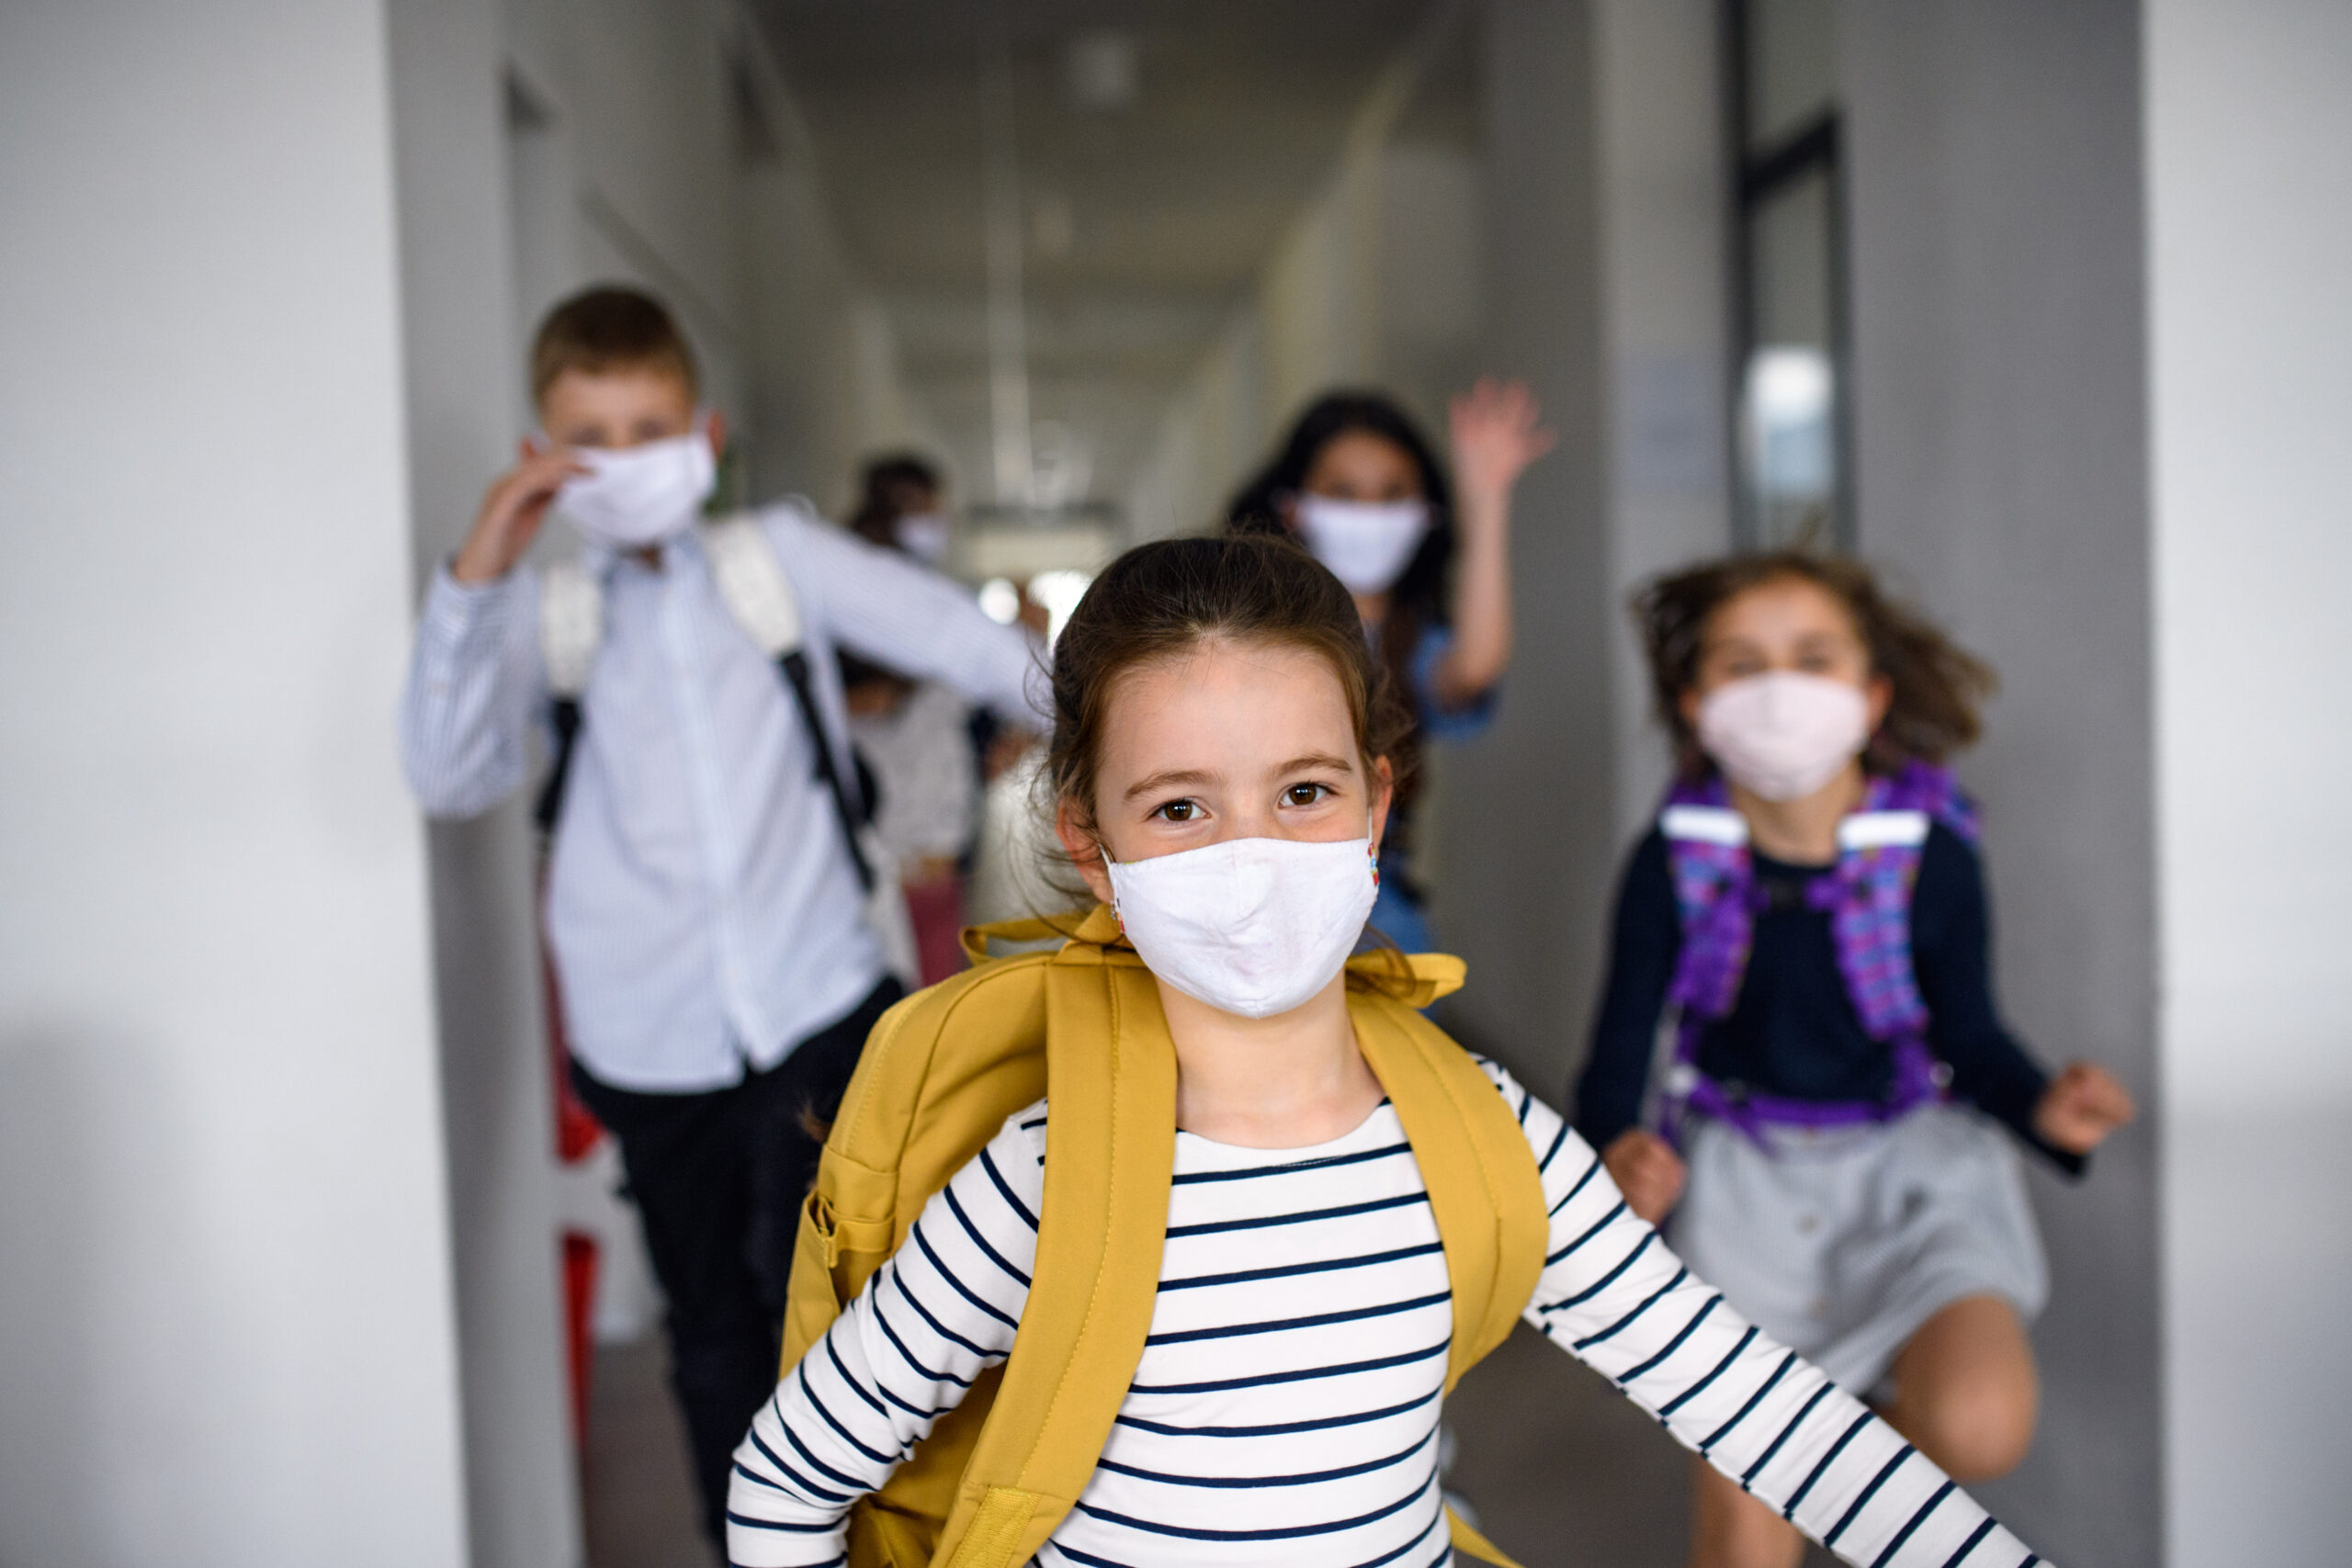 la importancia de tener recuerdos en la infancia después de la pandemia